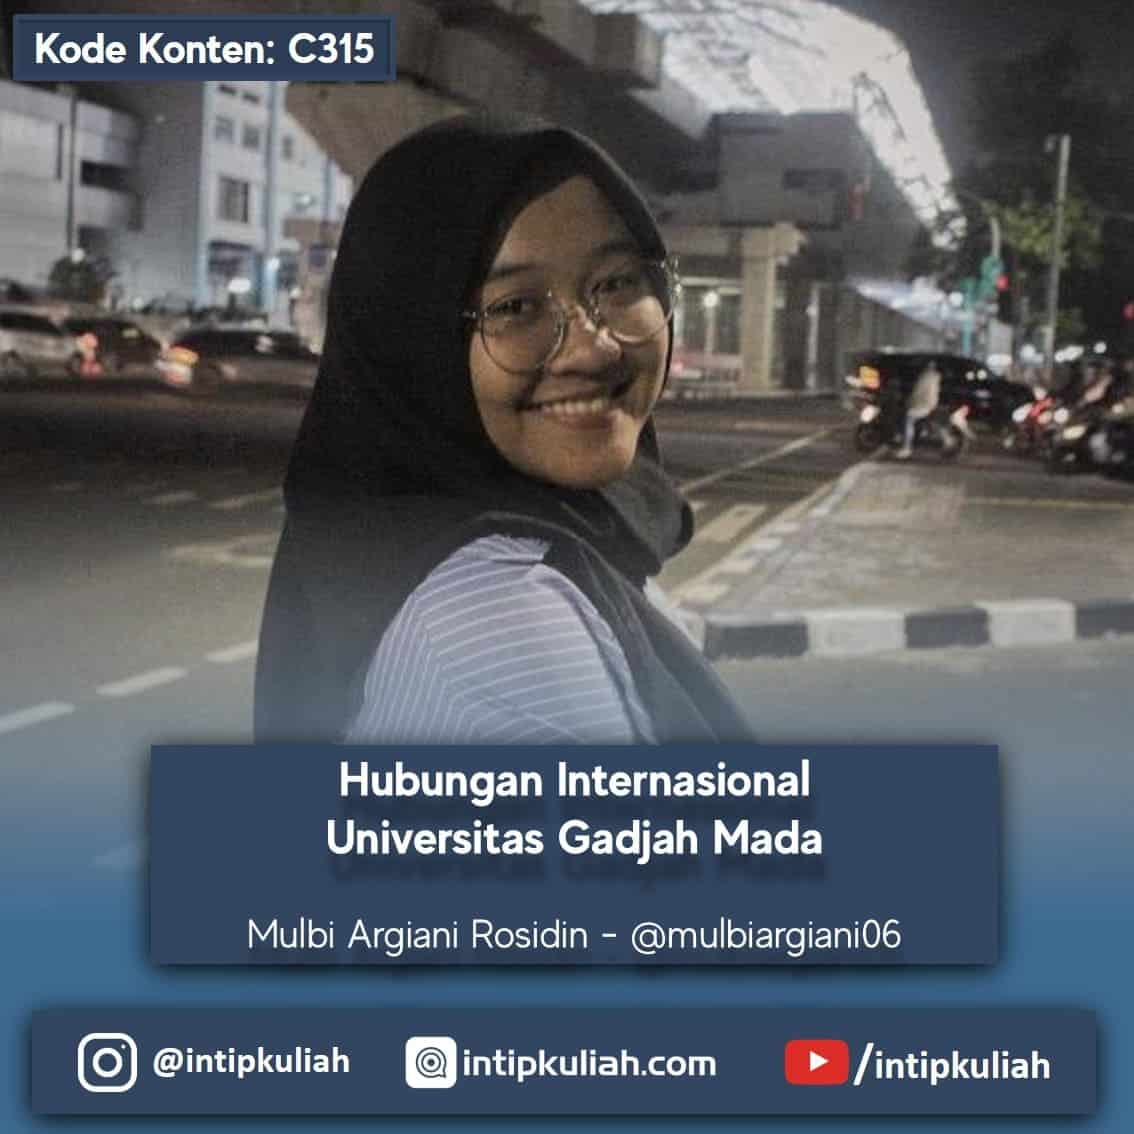 Ilmu Hubungan Internasional Universitas Gadjah mada (Mulbi)